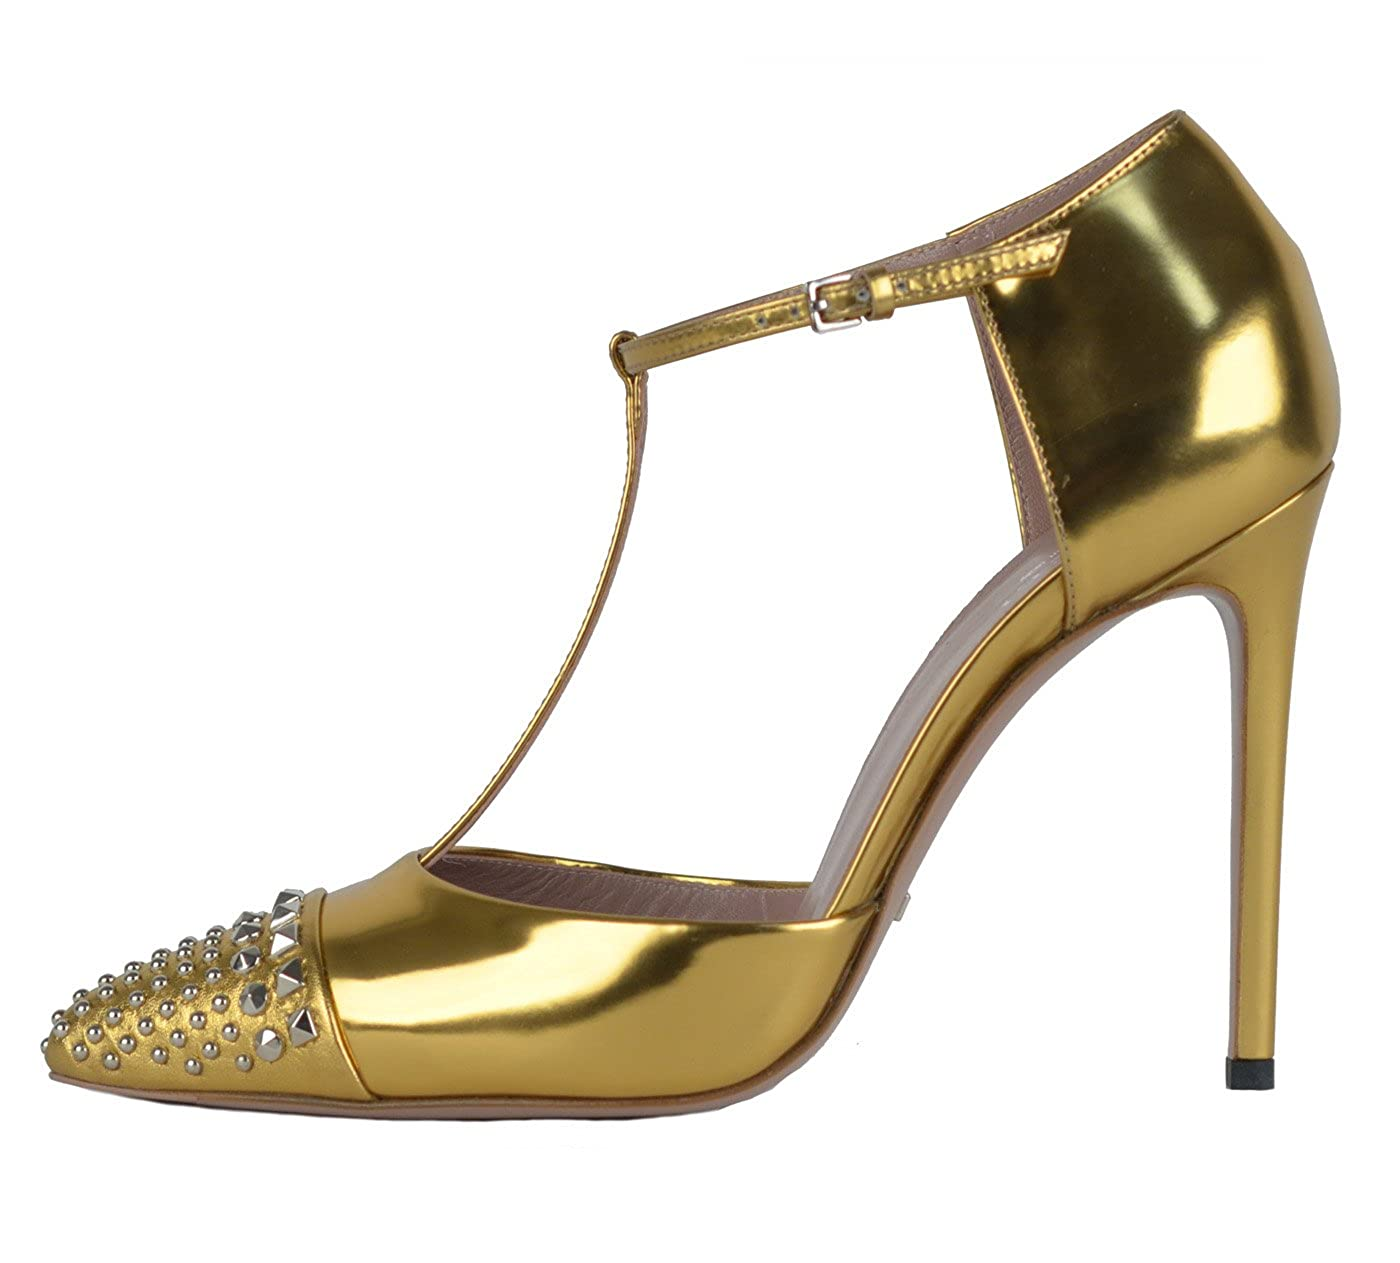 5de16af3a82 Amazon.com  Gucci Shoes Coline Studded Gold Leather T-Strap Pumps (IT 37   US  7)  Shoes